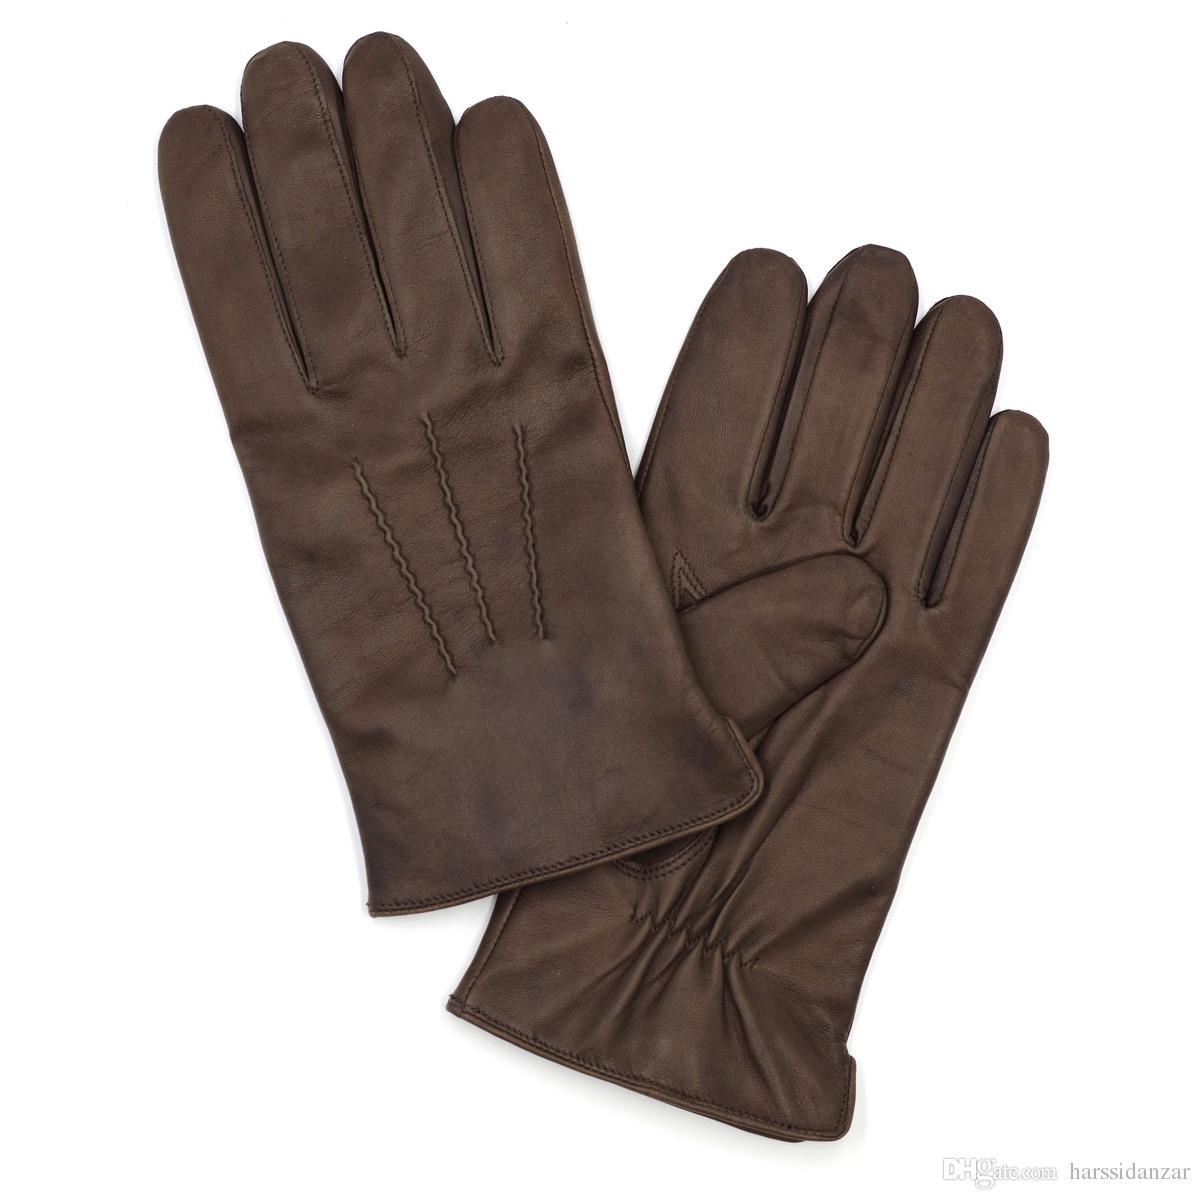 Harssidanzar Mens Luxury Italian Sheepskin Leather Gloves Wool Lined Touchscreen